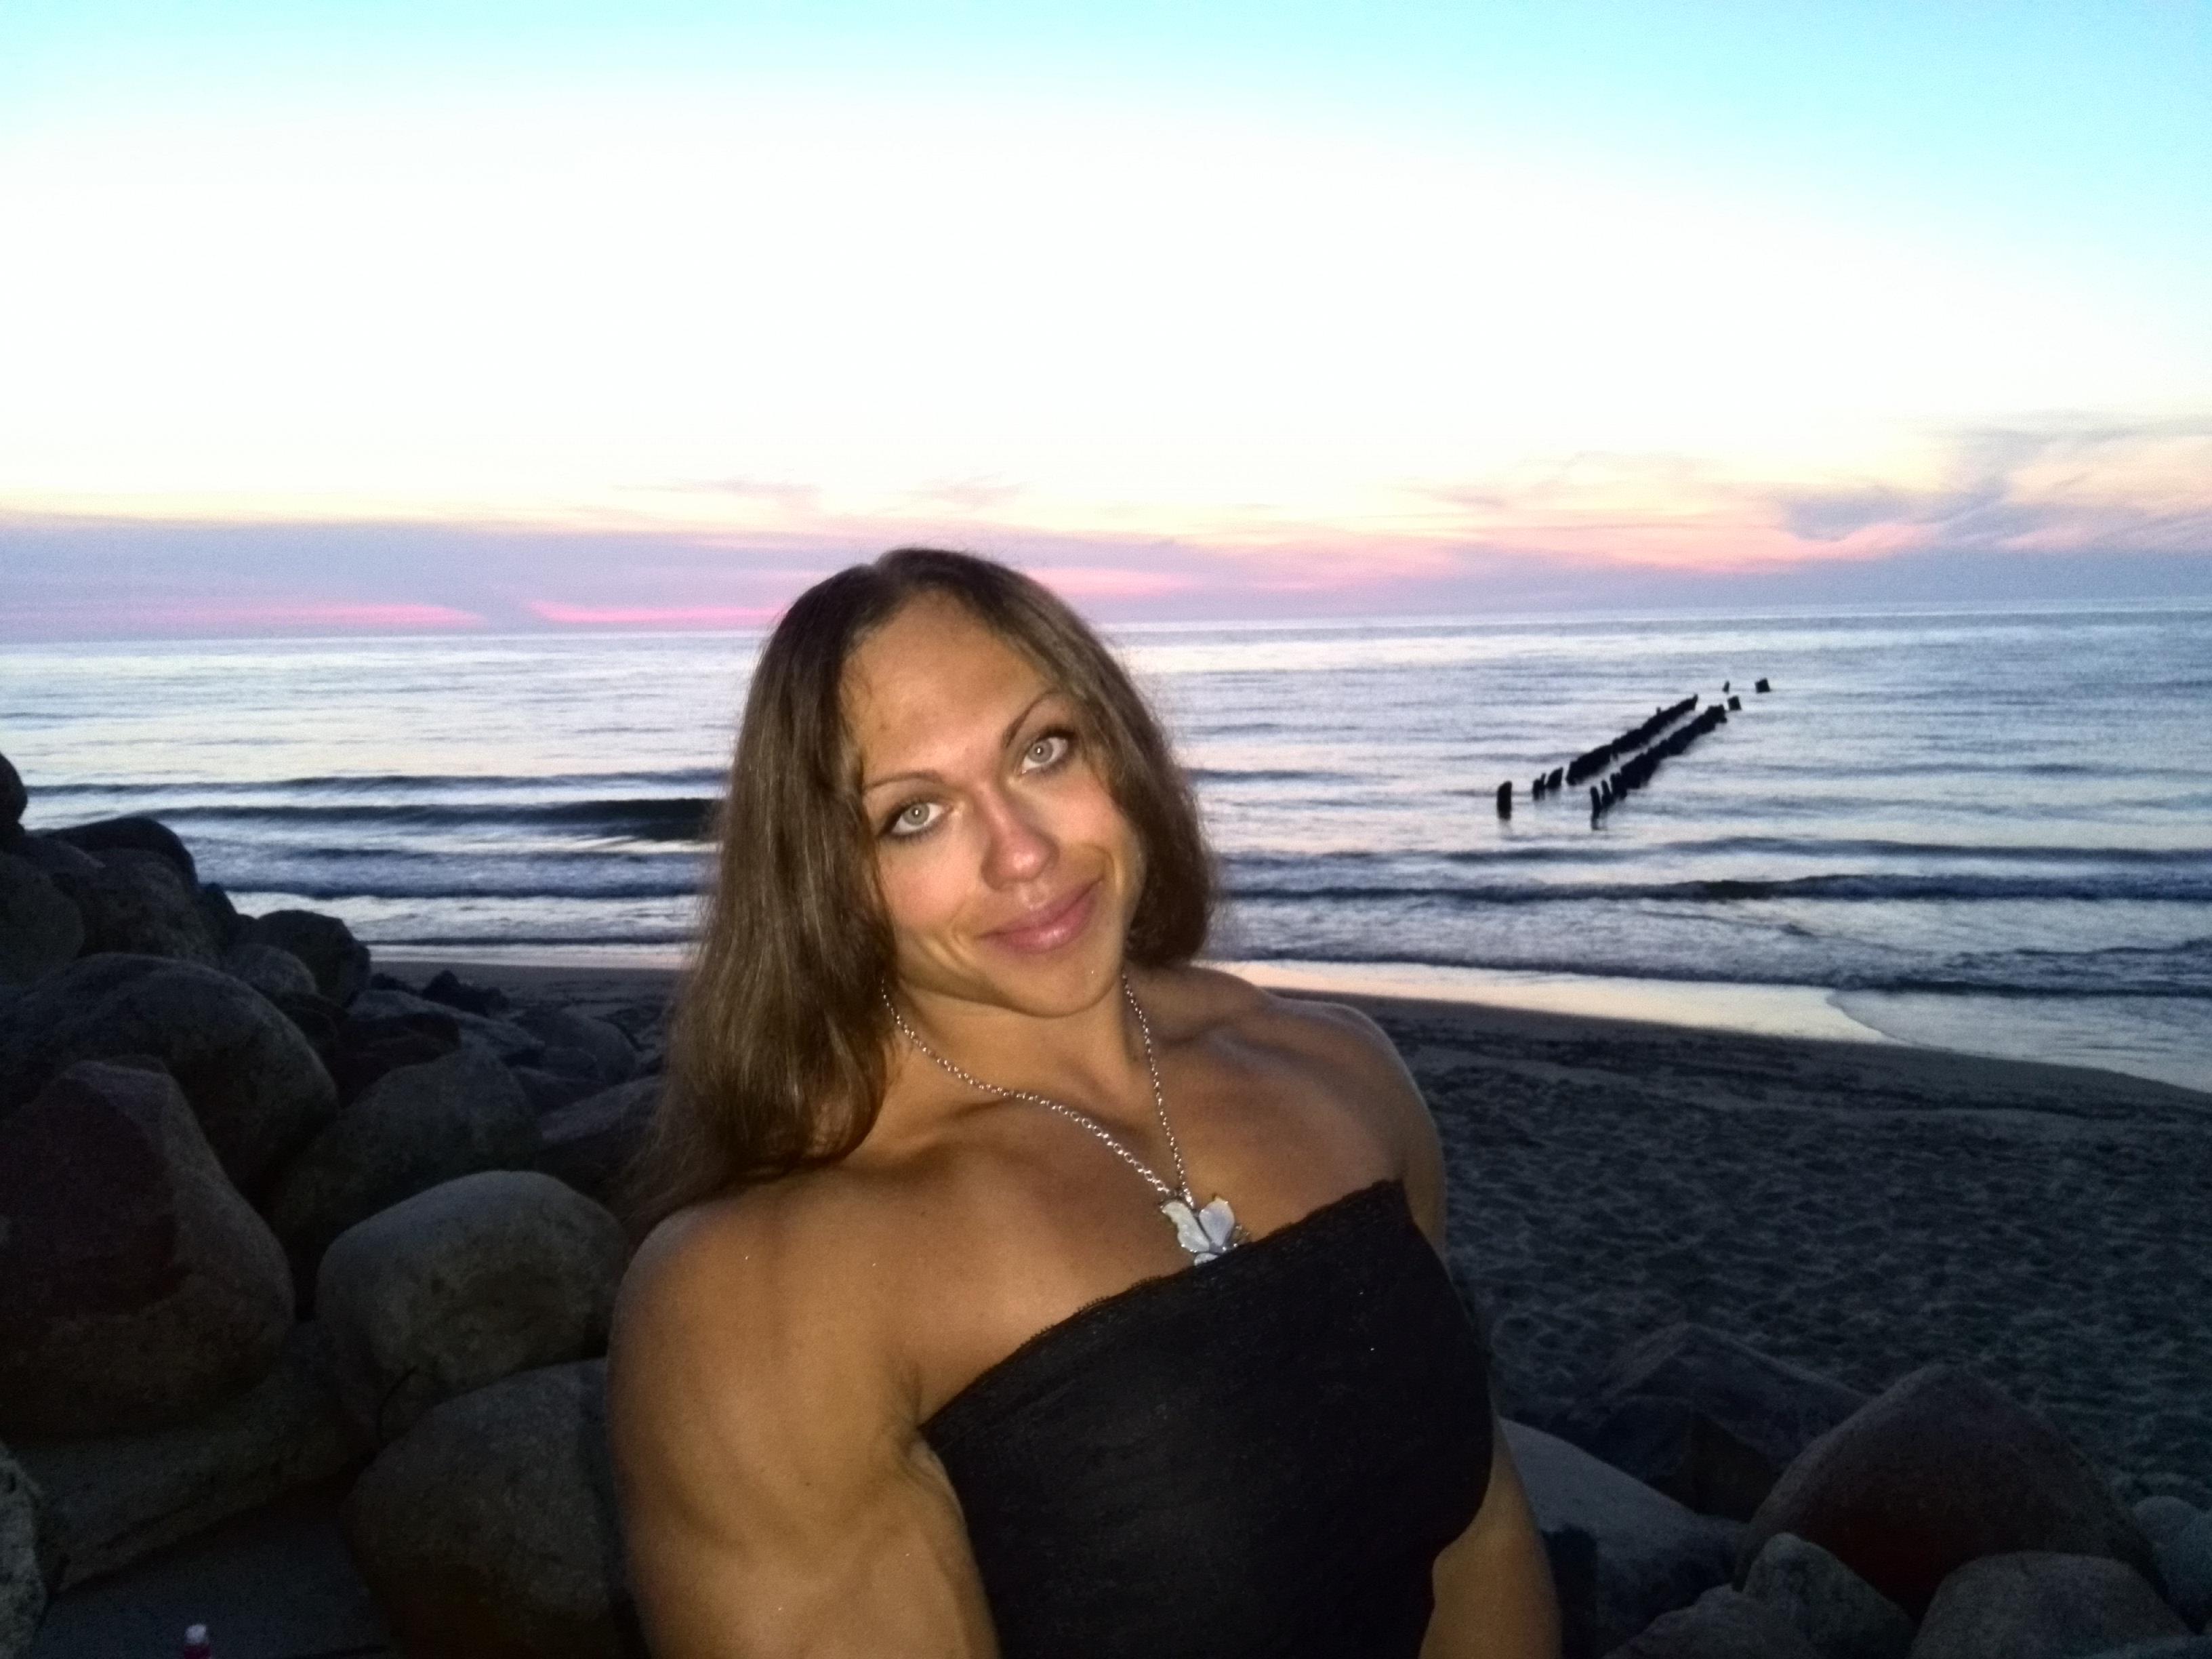 Partez-a-la-decouverte-de-Nataliya-bodybuildeuse-russe-de-26-ans